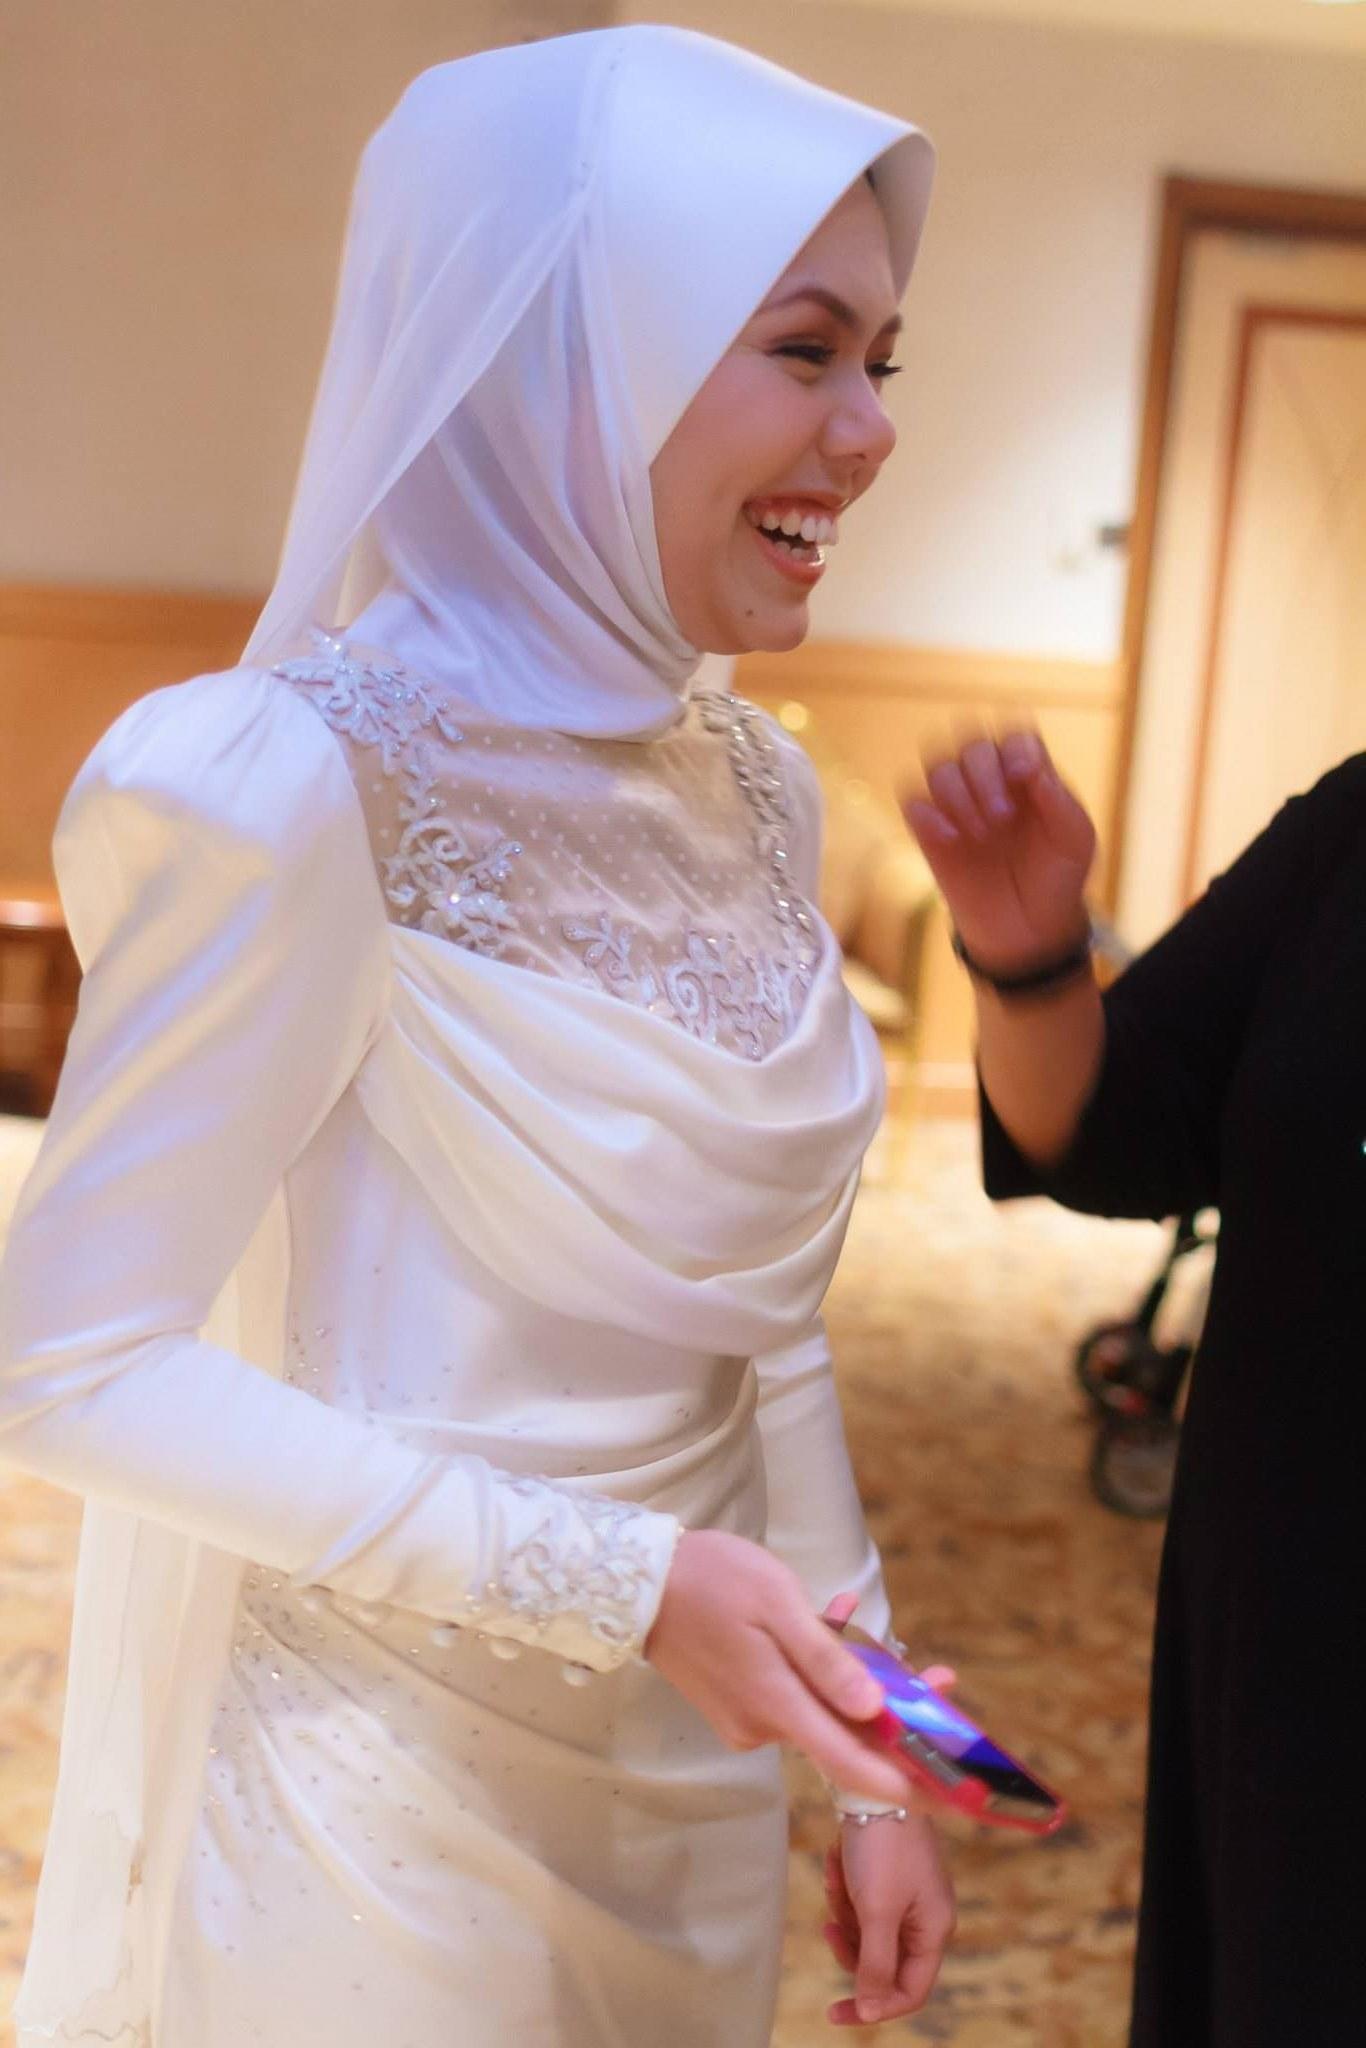 Ide Baju Muslim Pengantin E6d5 Baju Pengantin Moden Baju Pengantin songket by Melinda